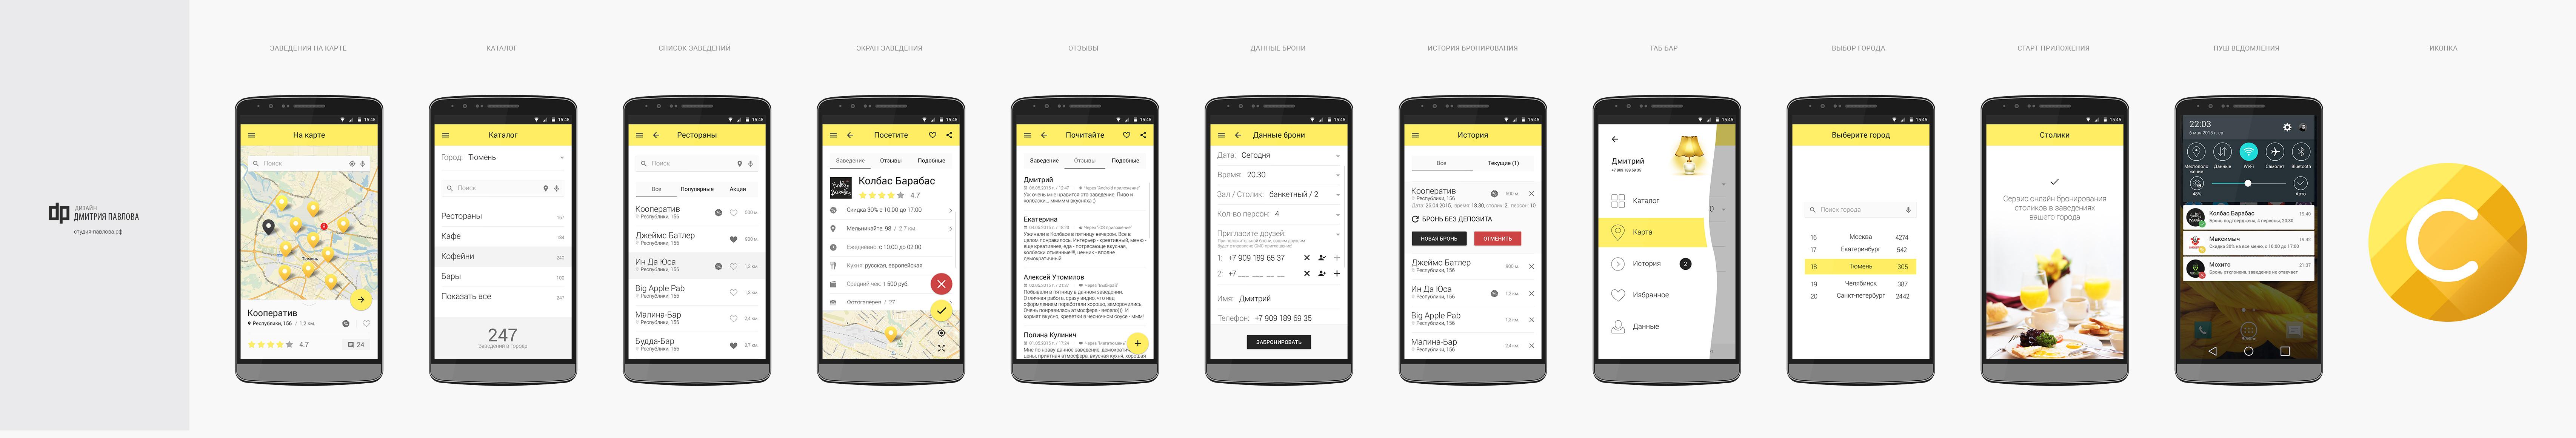 Мобильное приложение: Столики v.3.0 – сервис онлайн бронирования столиков в заведениях вашего города!